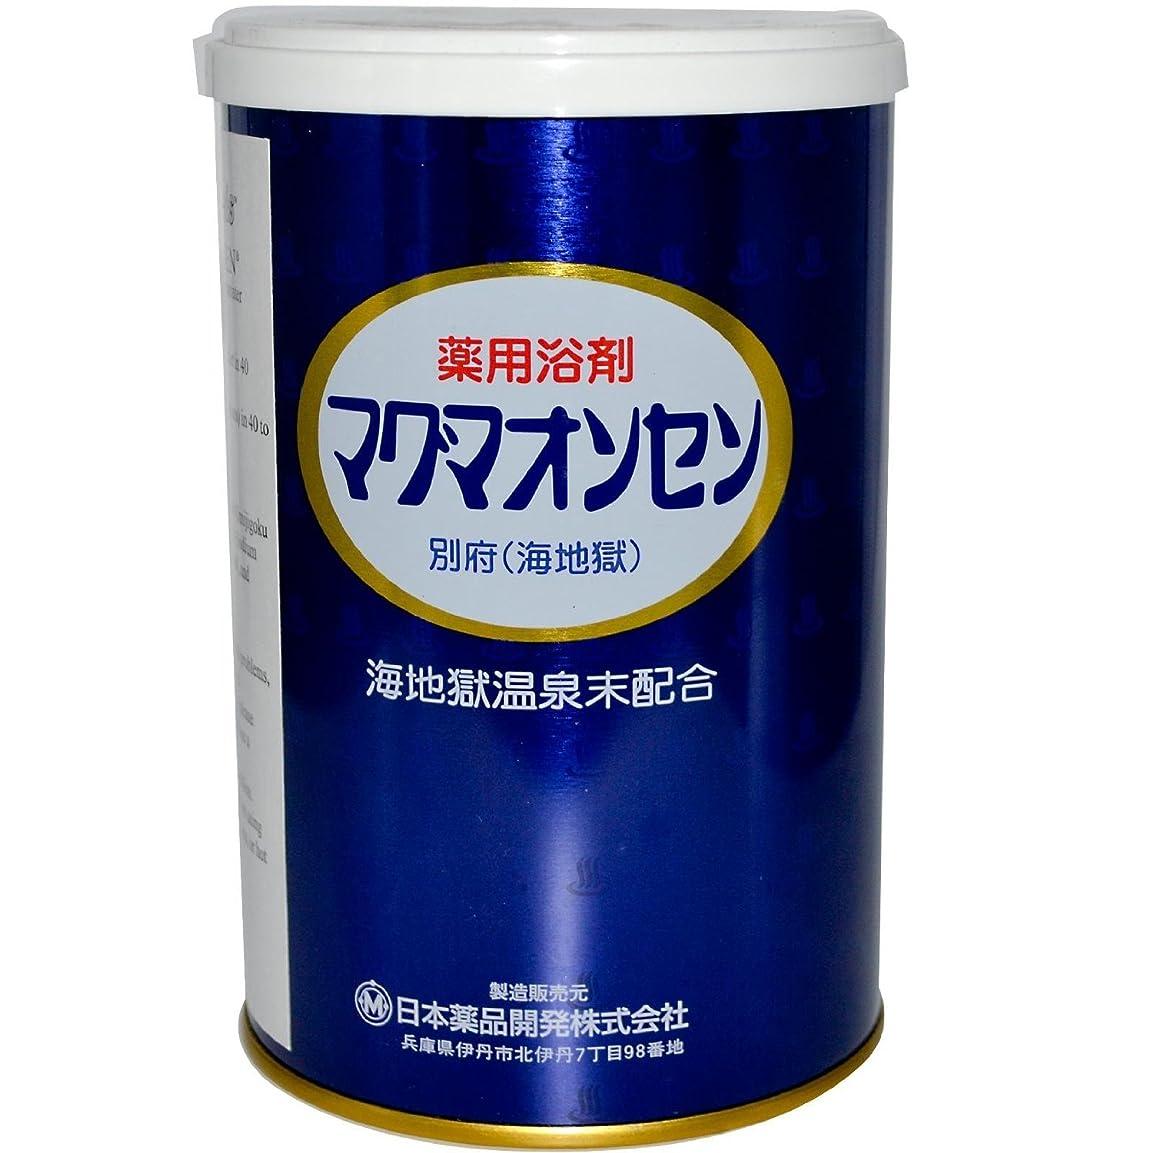 体現するクリープ活性化マグマオンセン別府(海地獄) 500g三缶